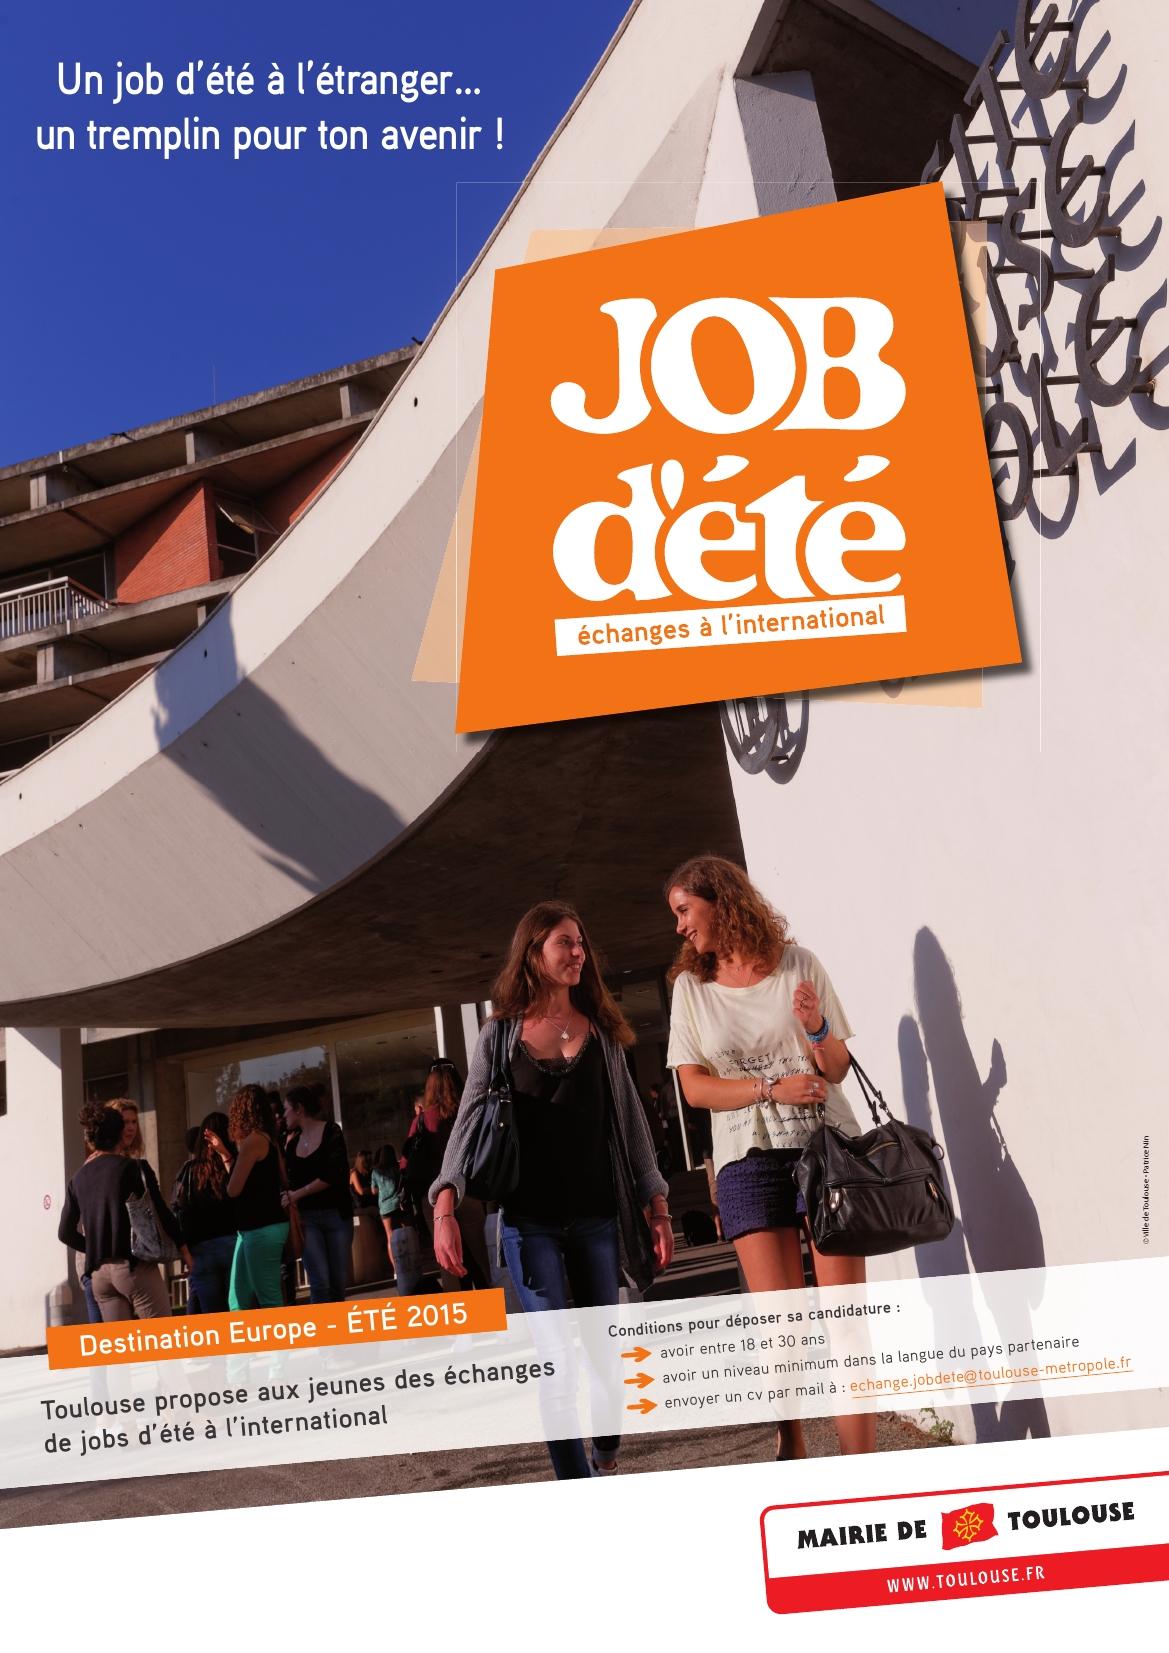 La Ville de Toulouse lance un projet d'échanges de jobs d'été à l'international